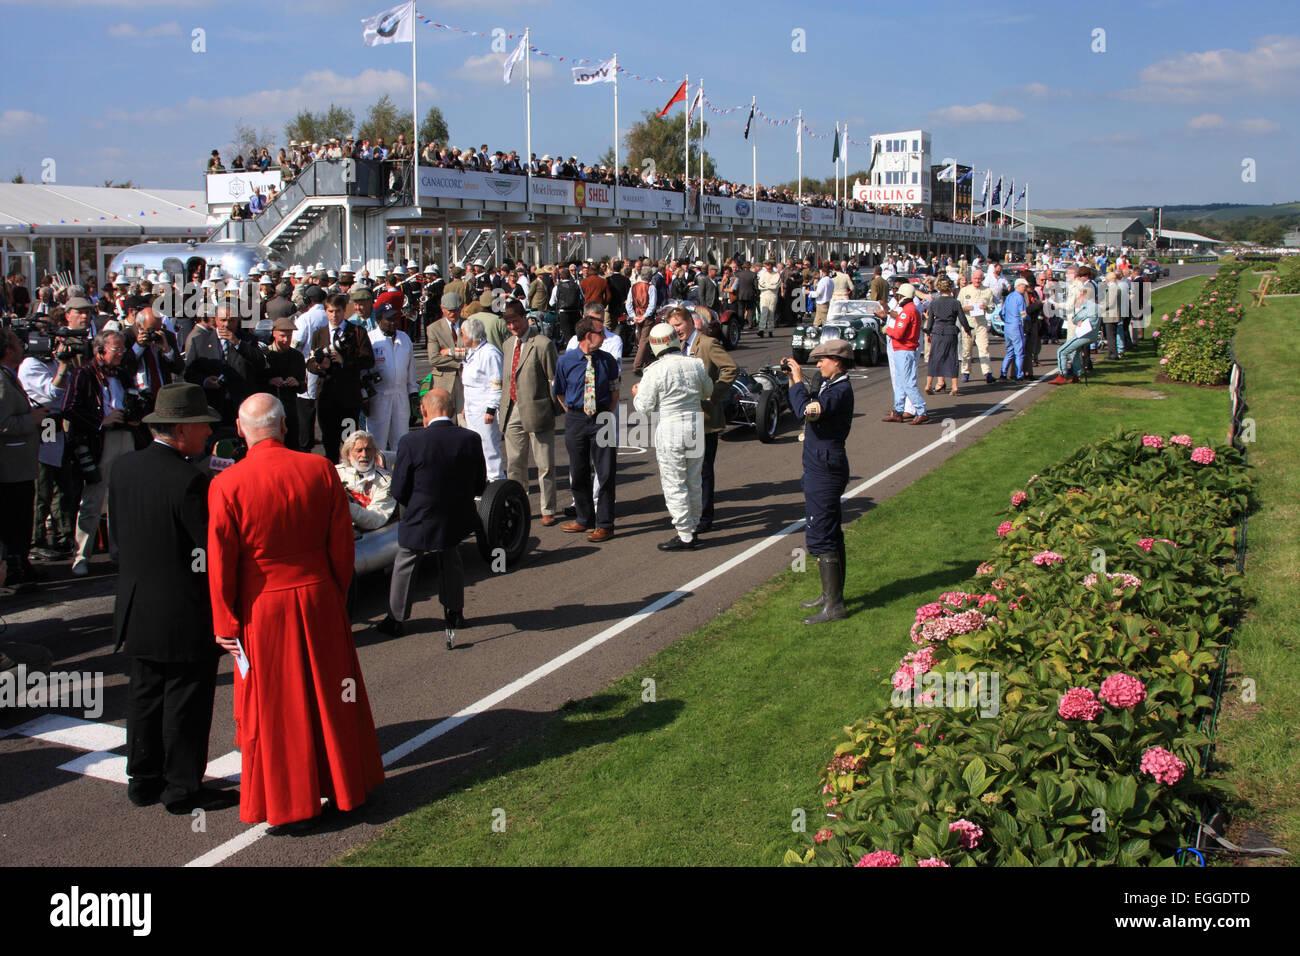 Überfüllten Startaufstellung vor der Parade von Goodwood Legenden / Goodwood Revival / Goodwood / UK Stockbild